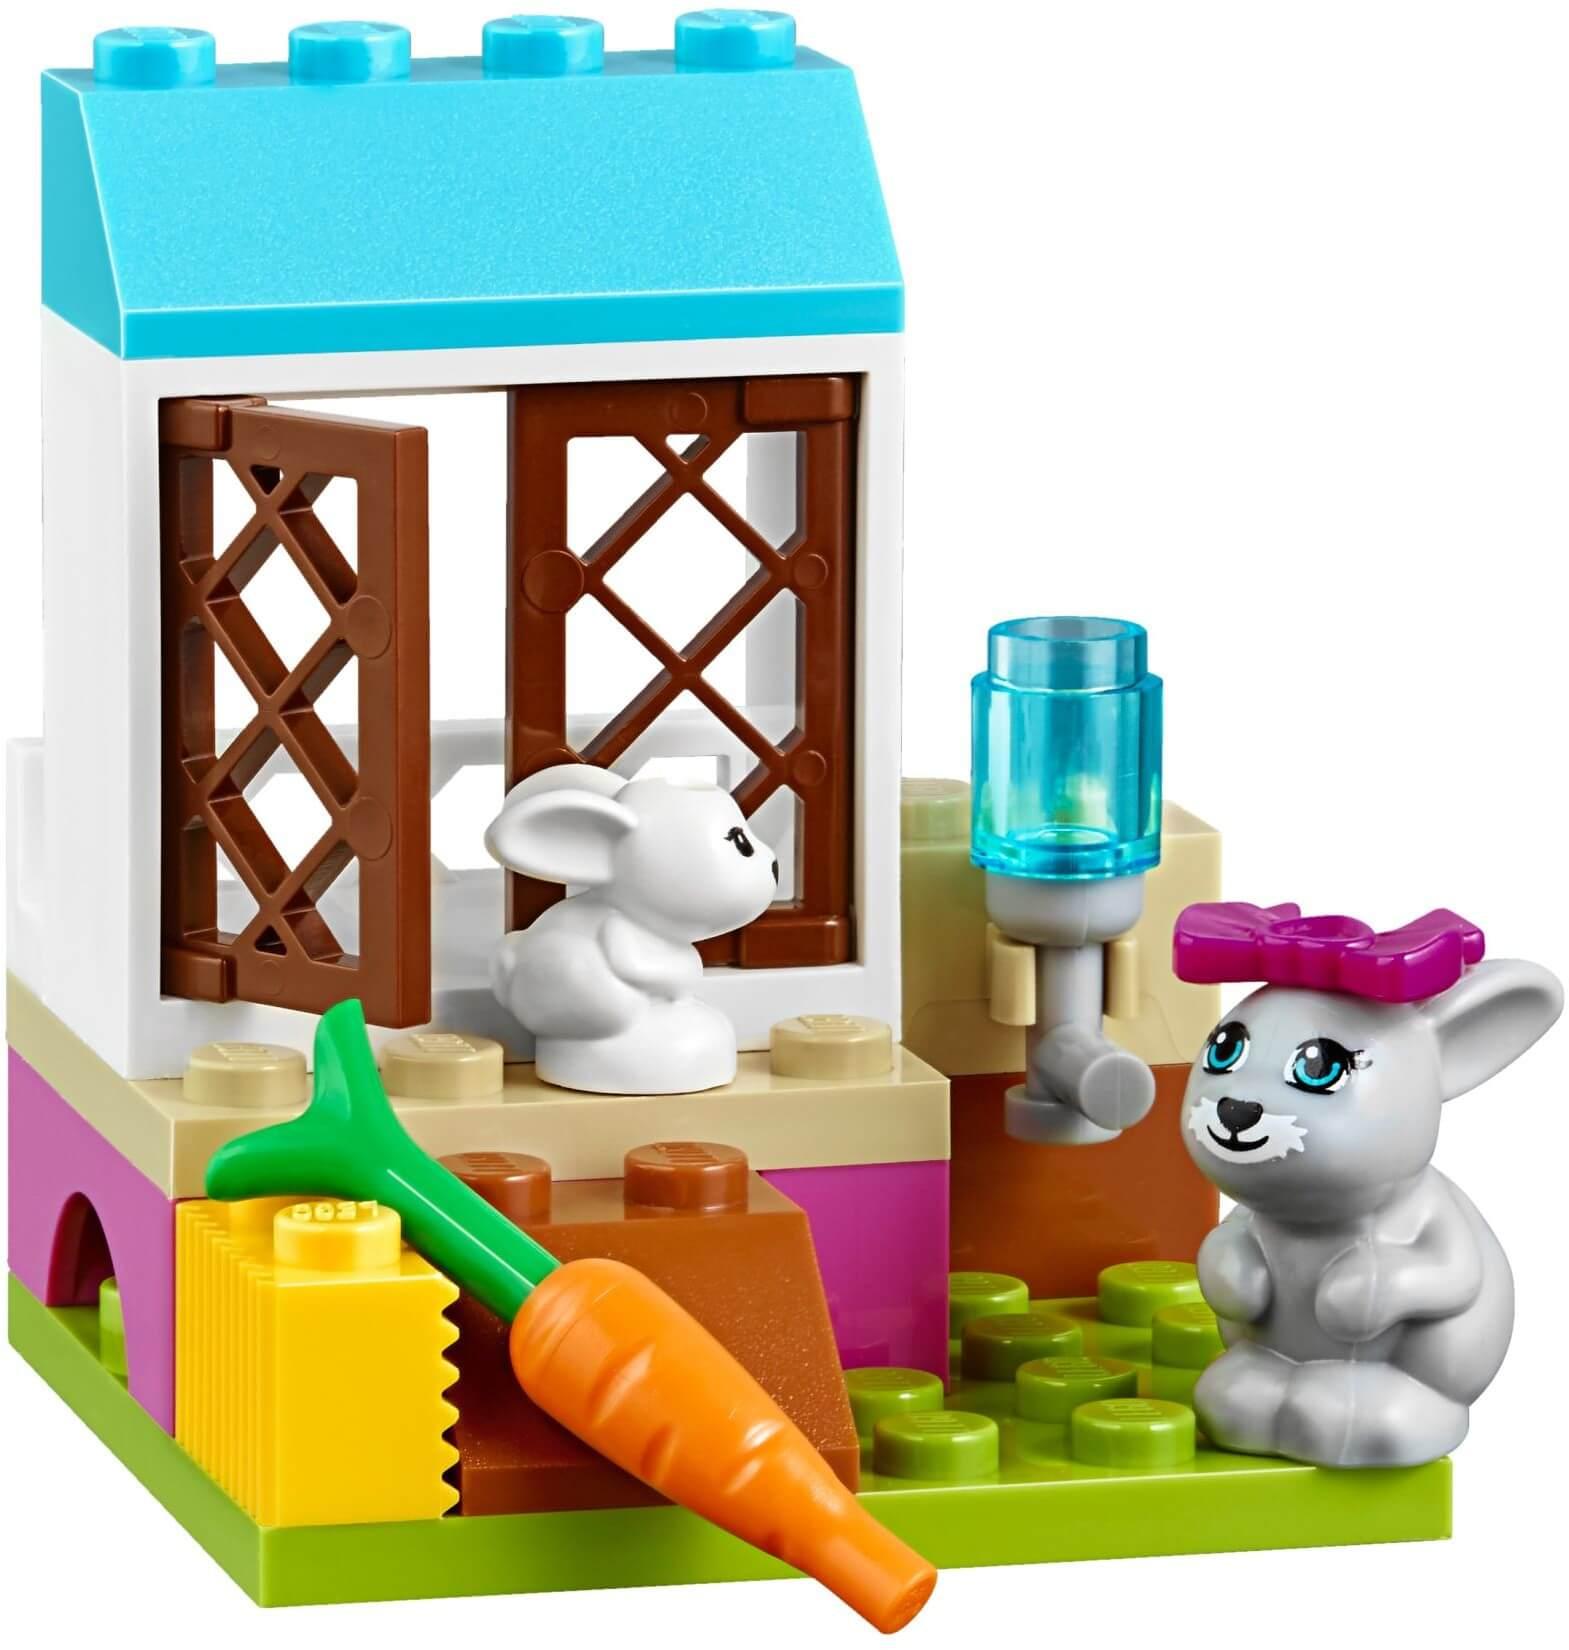 Mua đồ chơi LEGO 10728 - LEGO Juniors 10728 - Phòng Khám Thú Cưng của Mia (LEGO Juniors Mia's Vet Clinic 10728)